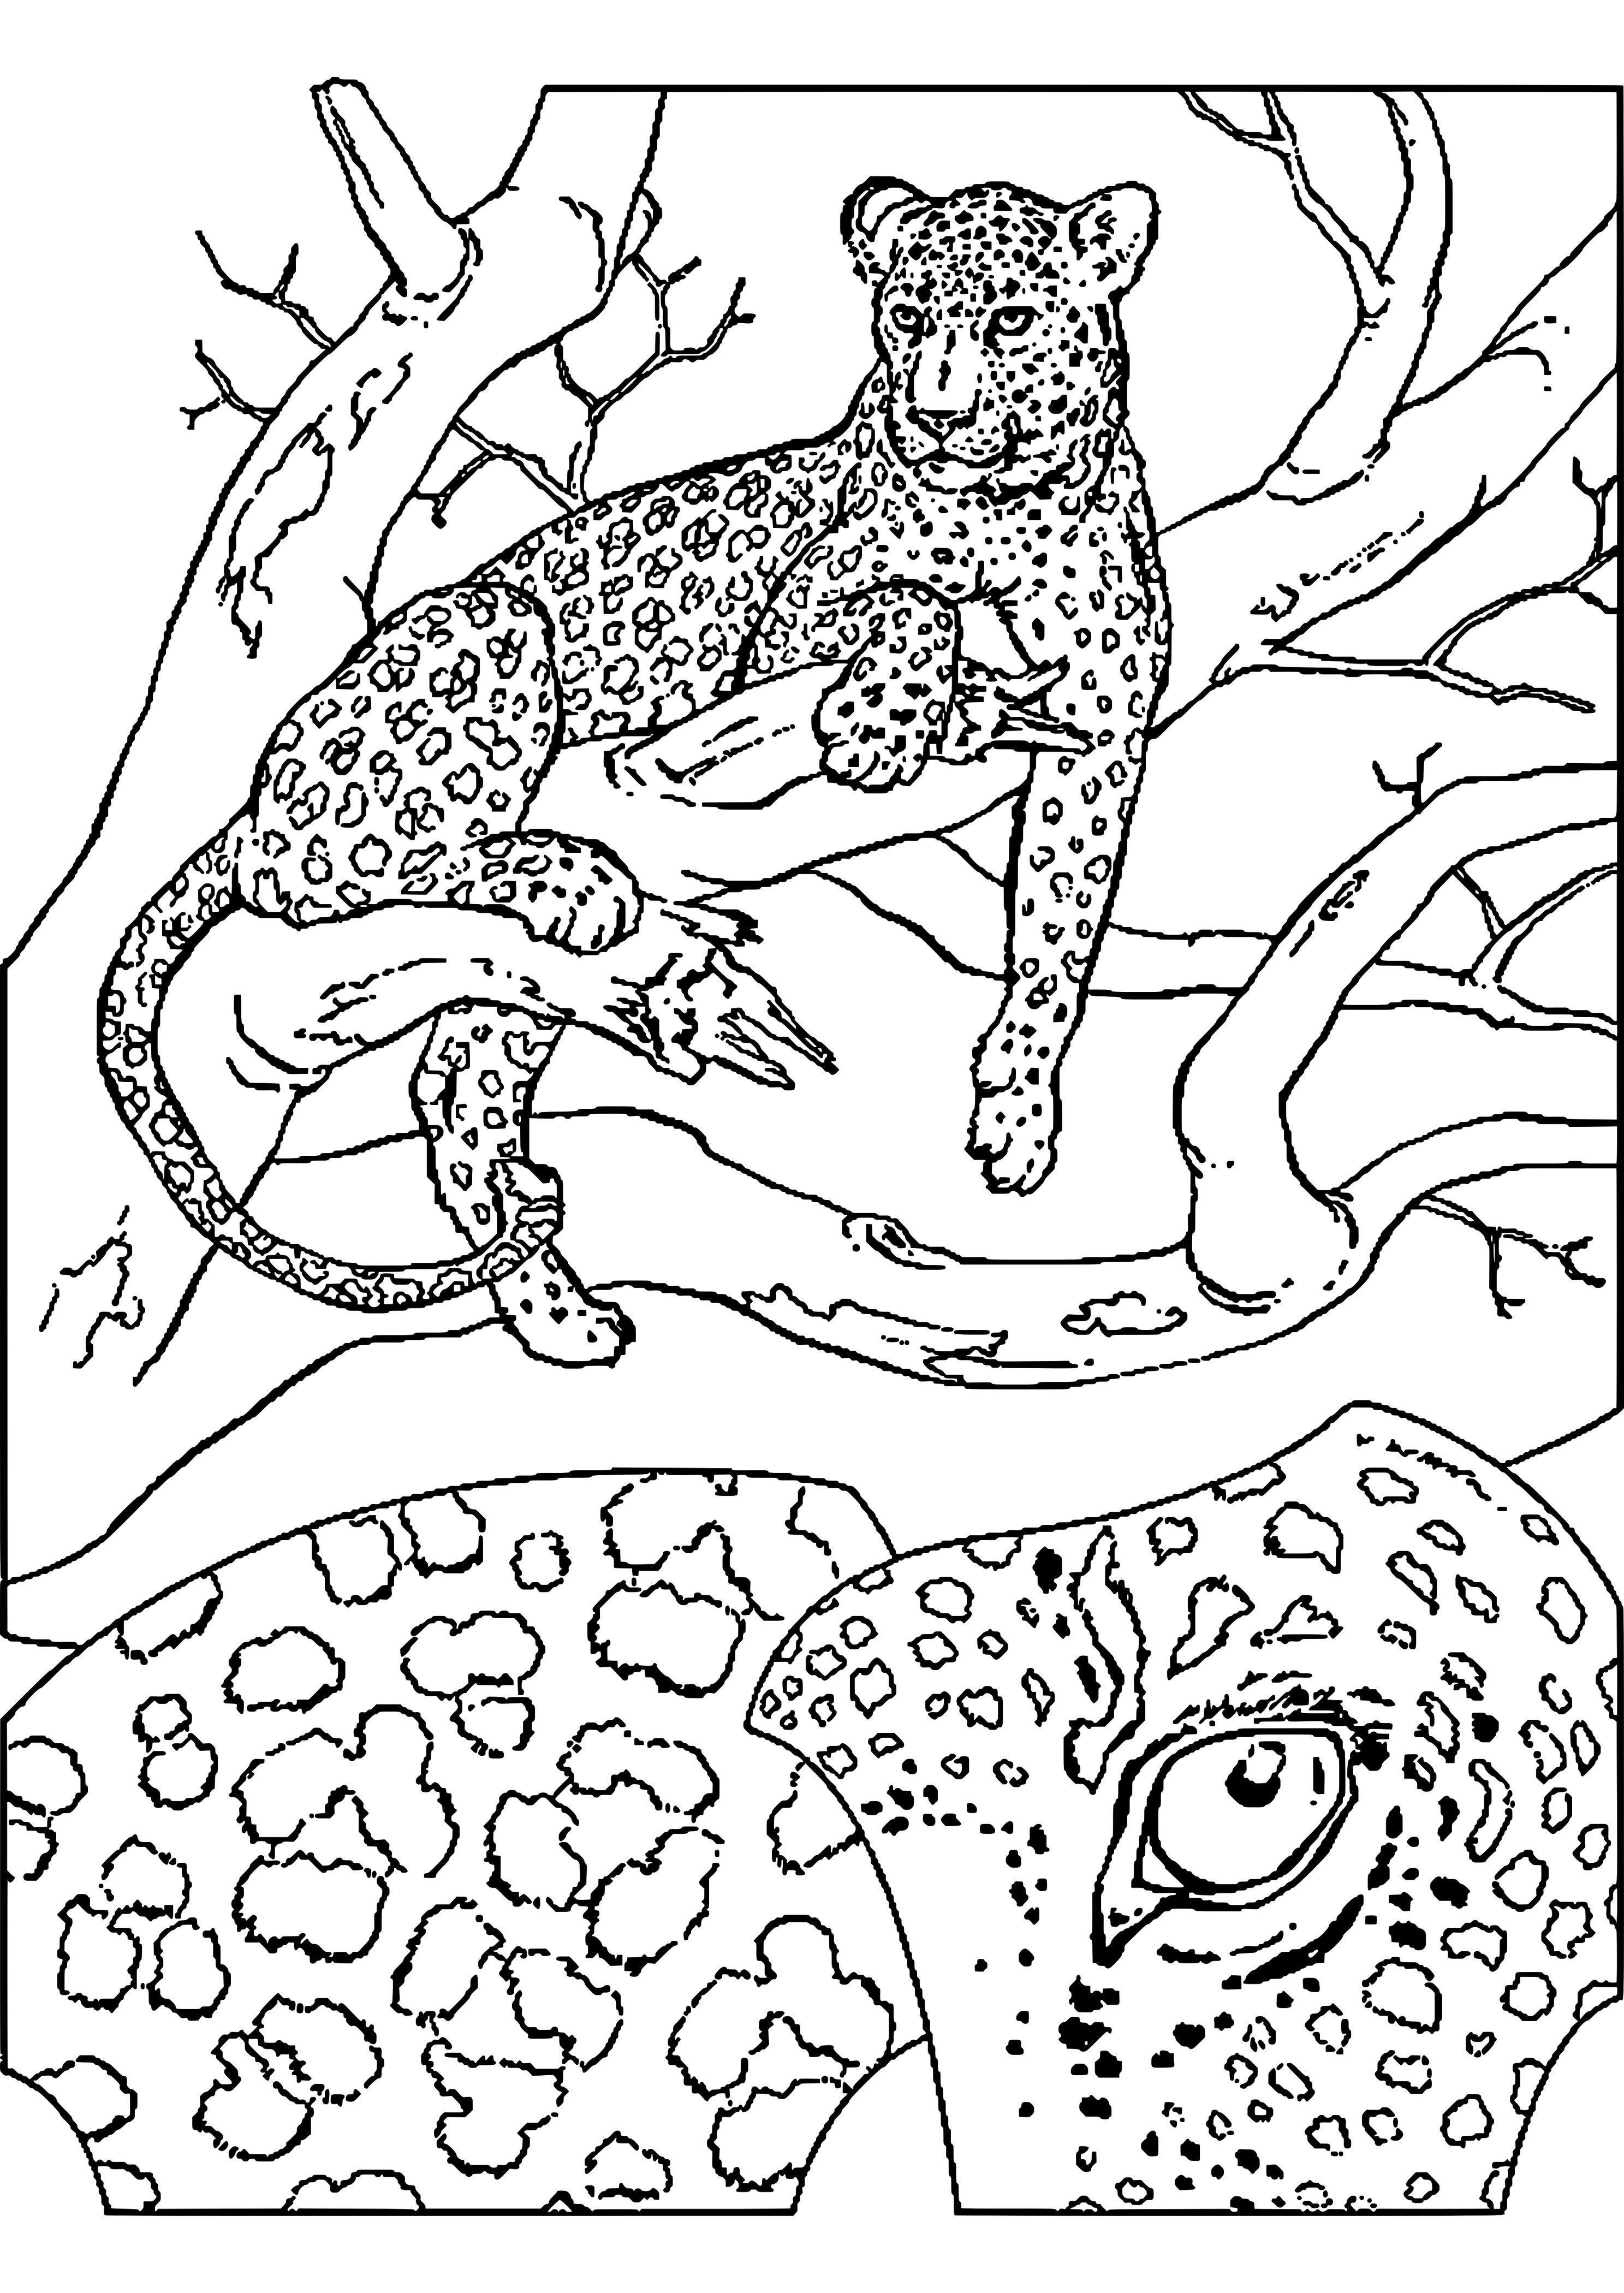 einzigartig ausmalbilder tiere gepard  giraffe coloring